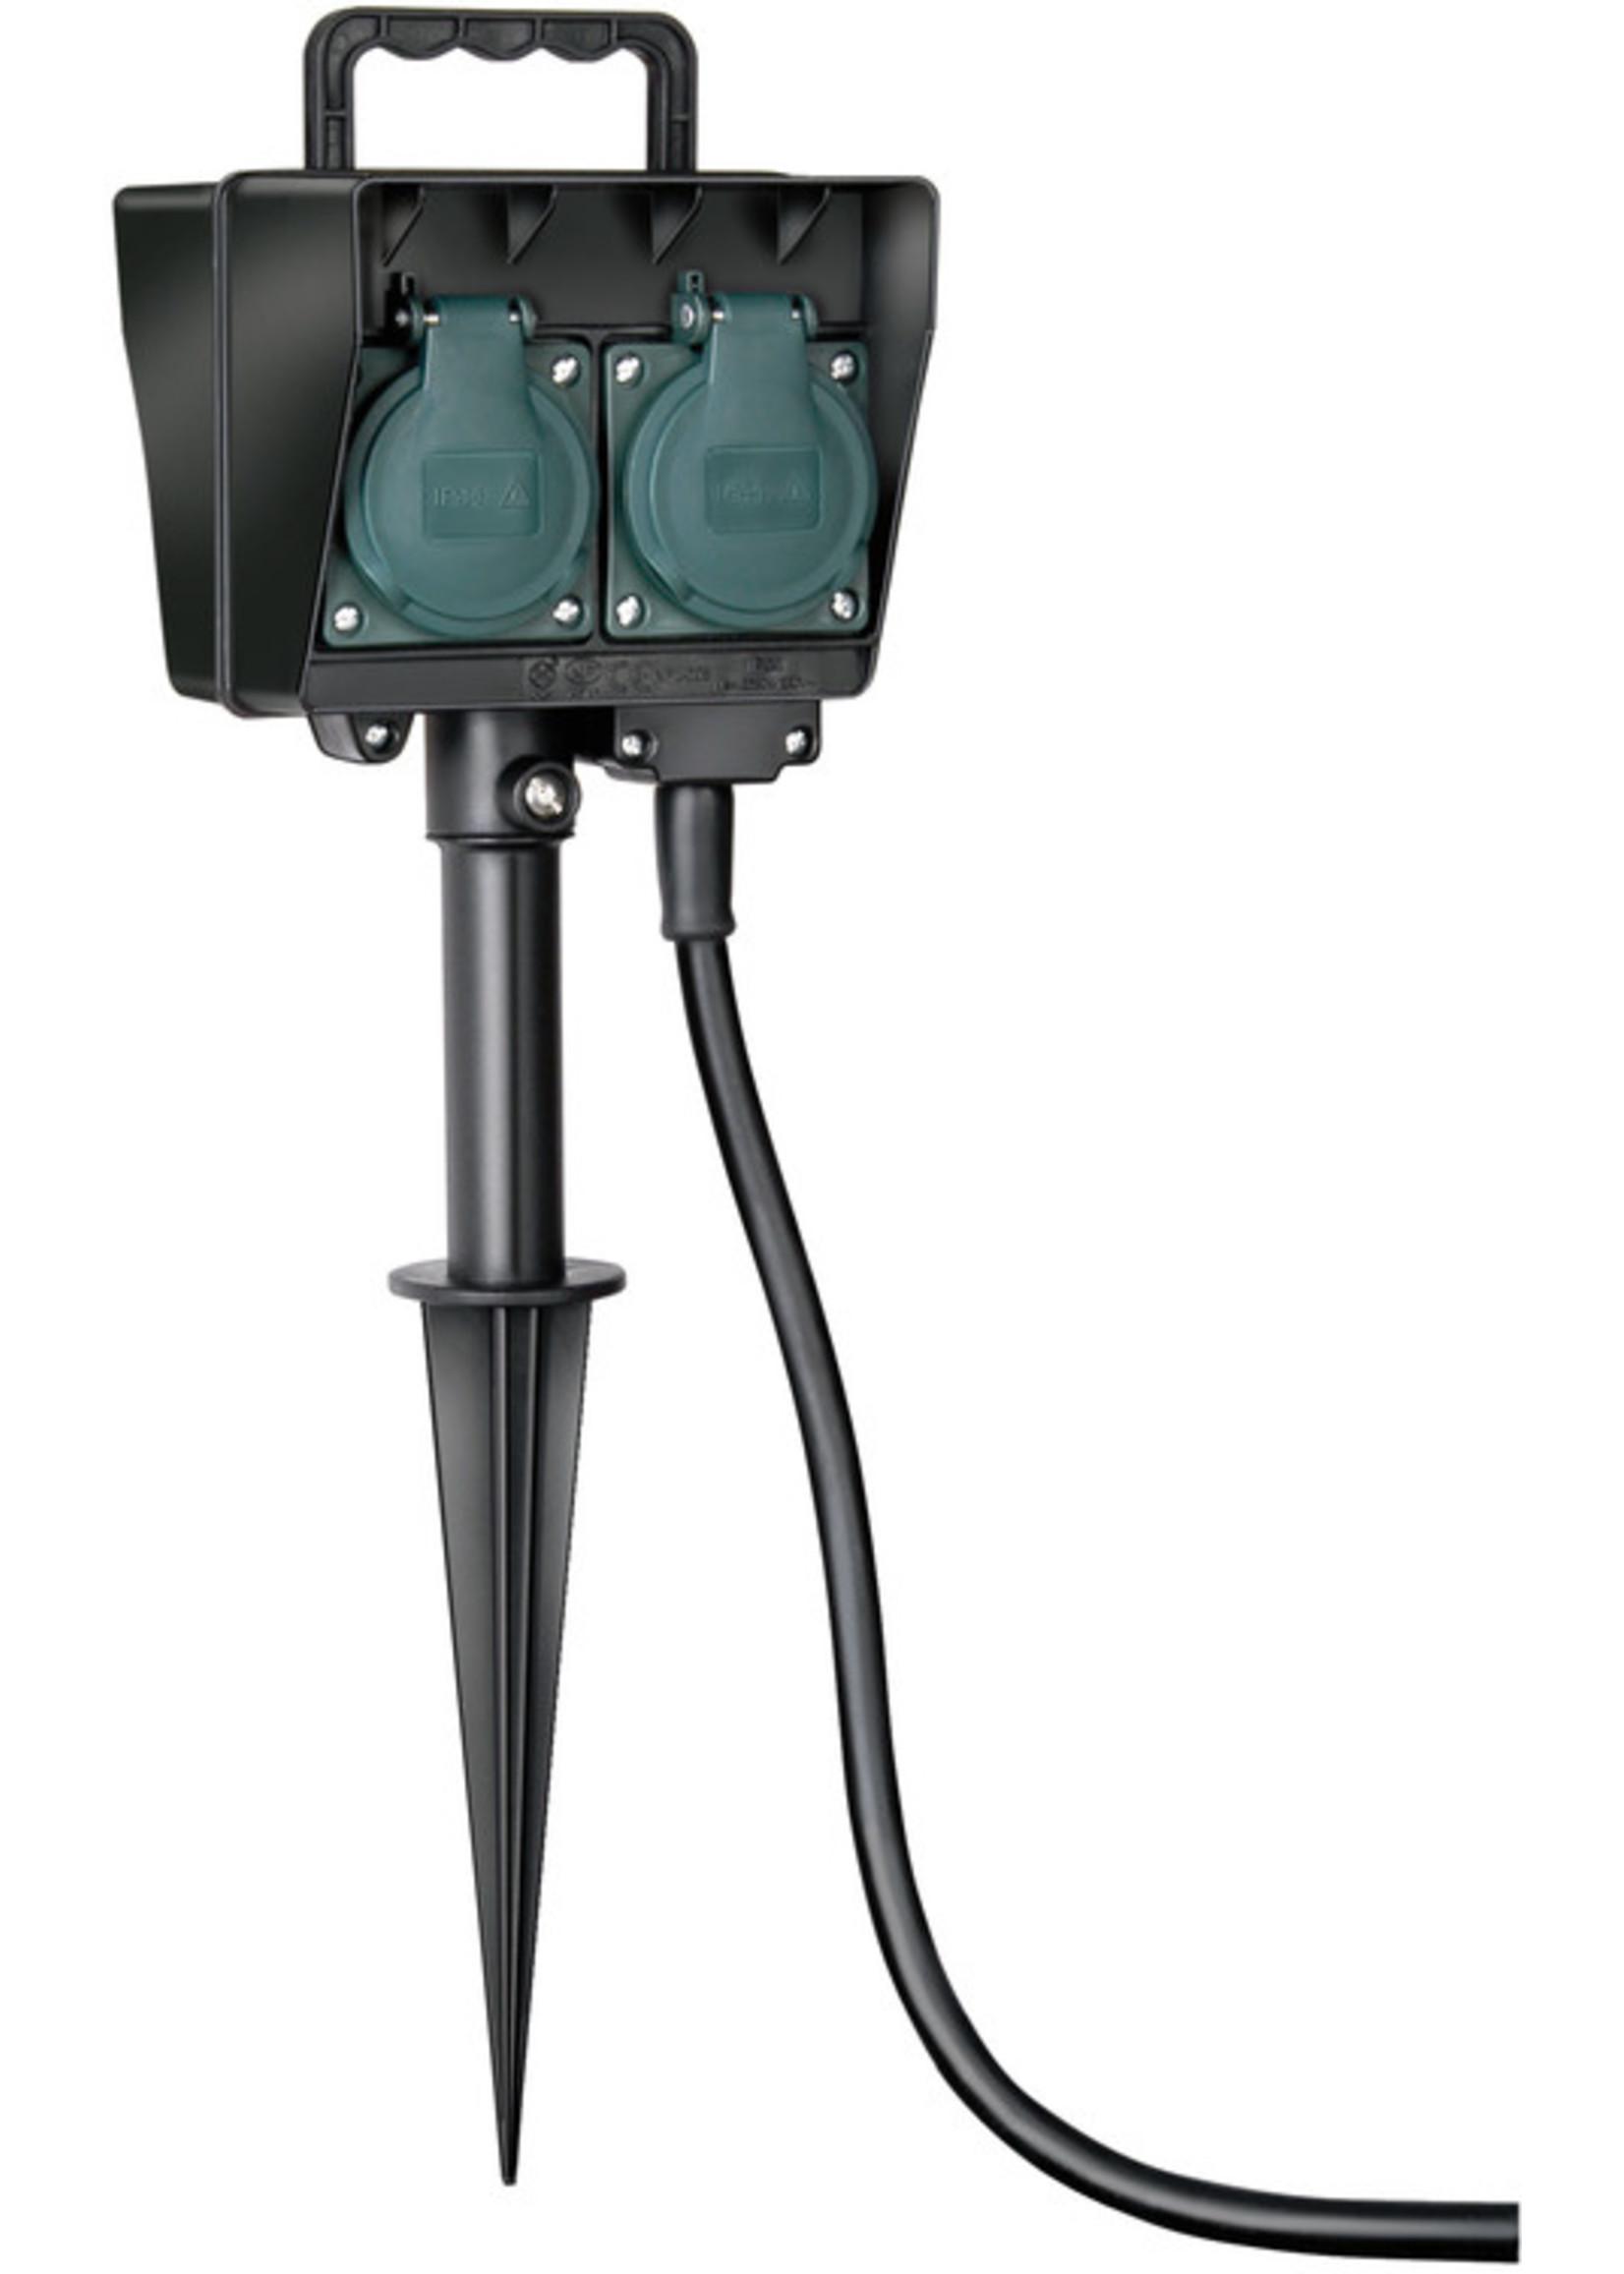 Brennenstuhl Brennenstuhl Tuincontactdoos met aardspies IP44 4-voudig 1.5m H07RN-F 3G1.5 *FR*